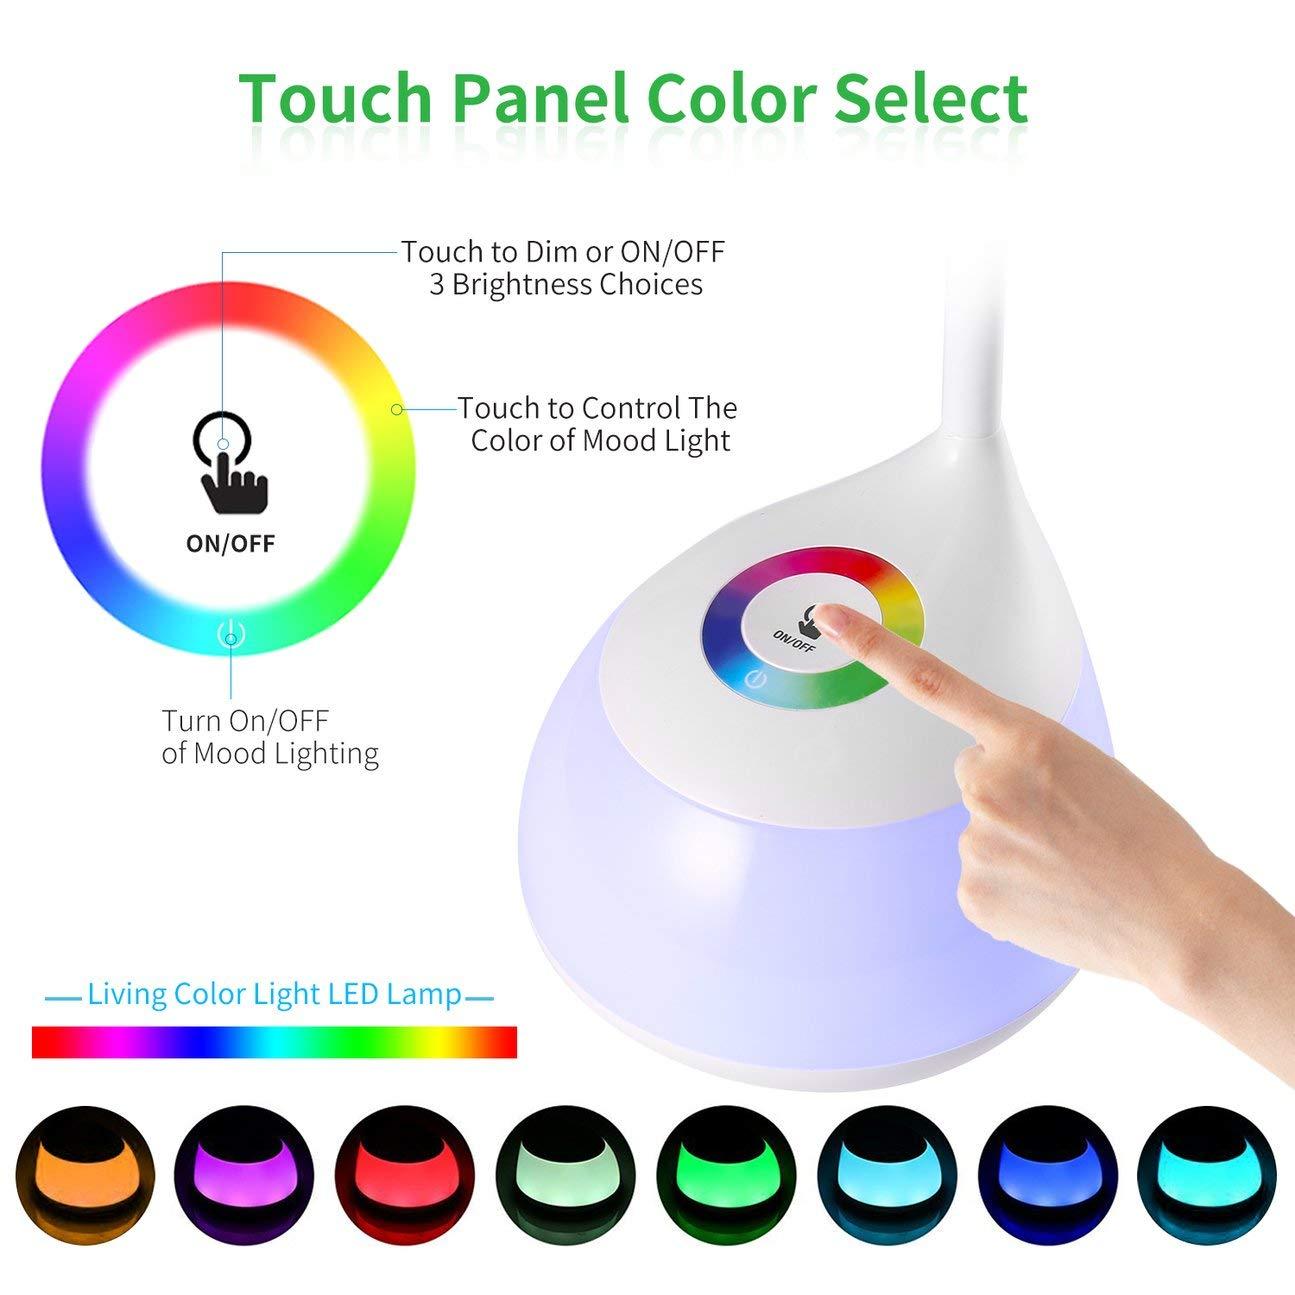 Bianco 5000-5500K 16 pezzi LED Protezione degli occhi Lunga durata flessibile Flessibile regolabile Sensore di tocco rapido Lampada a LED a colori viventi